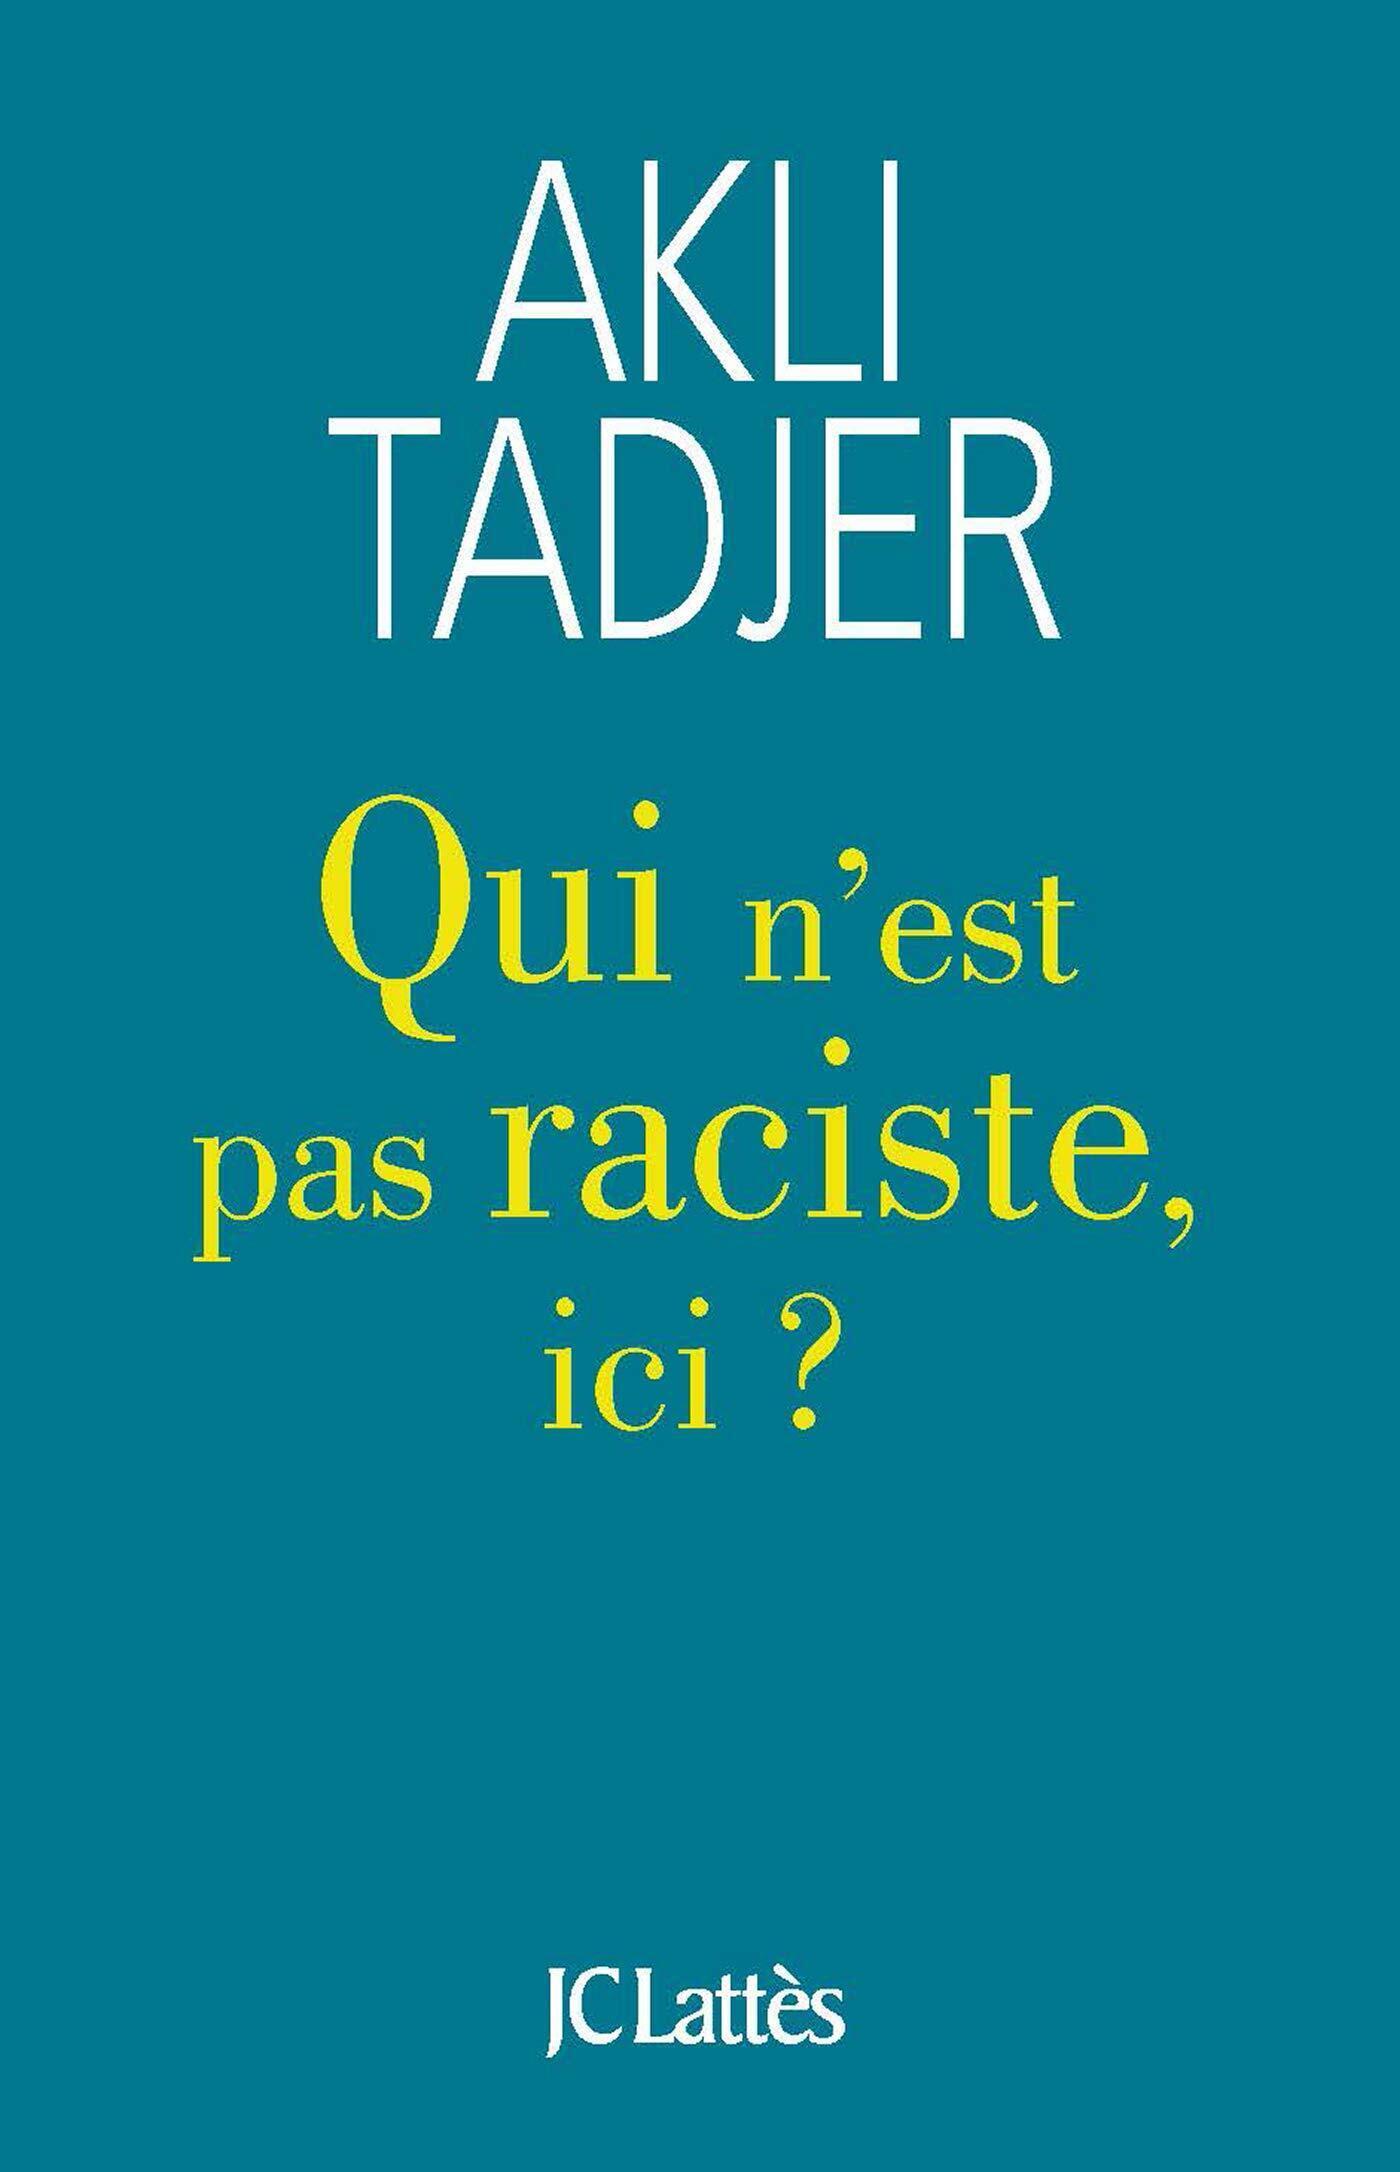 Couverture du nouveau livre de Akli Tadjer